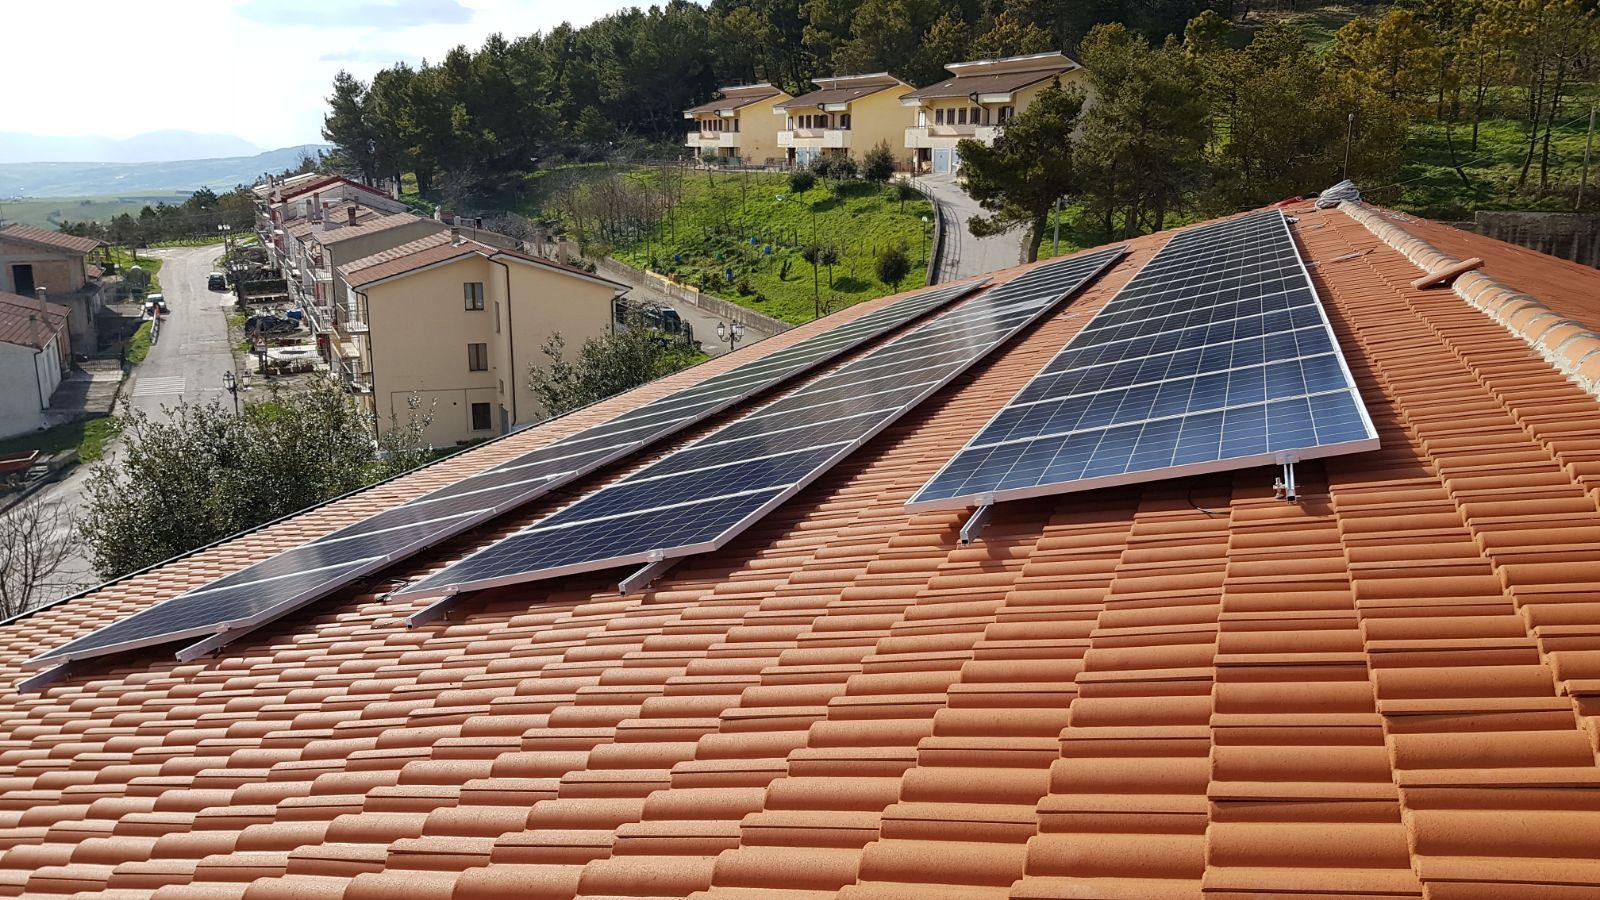 Impianto fotovoltaico Comune di Greci (AV)